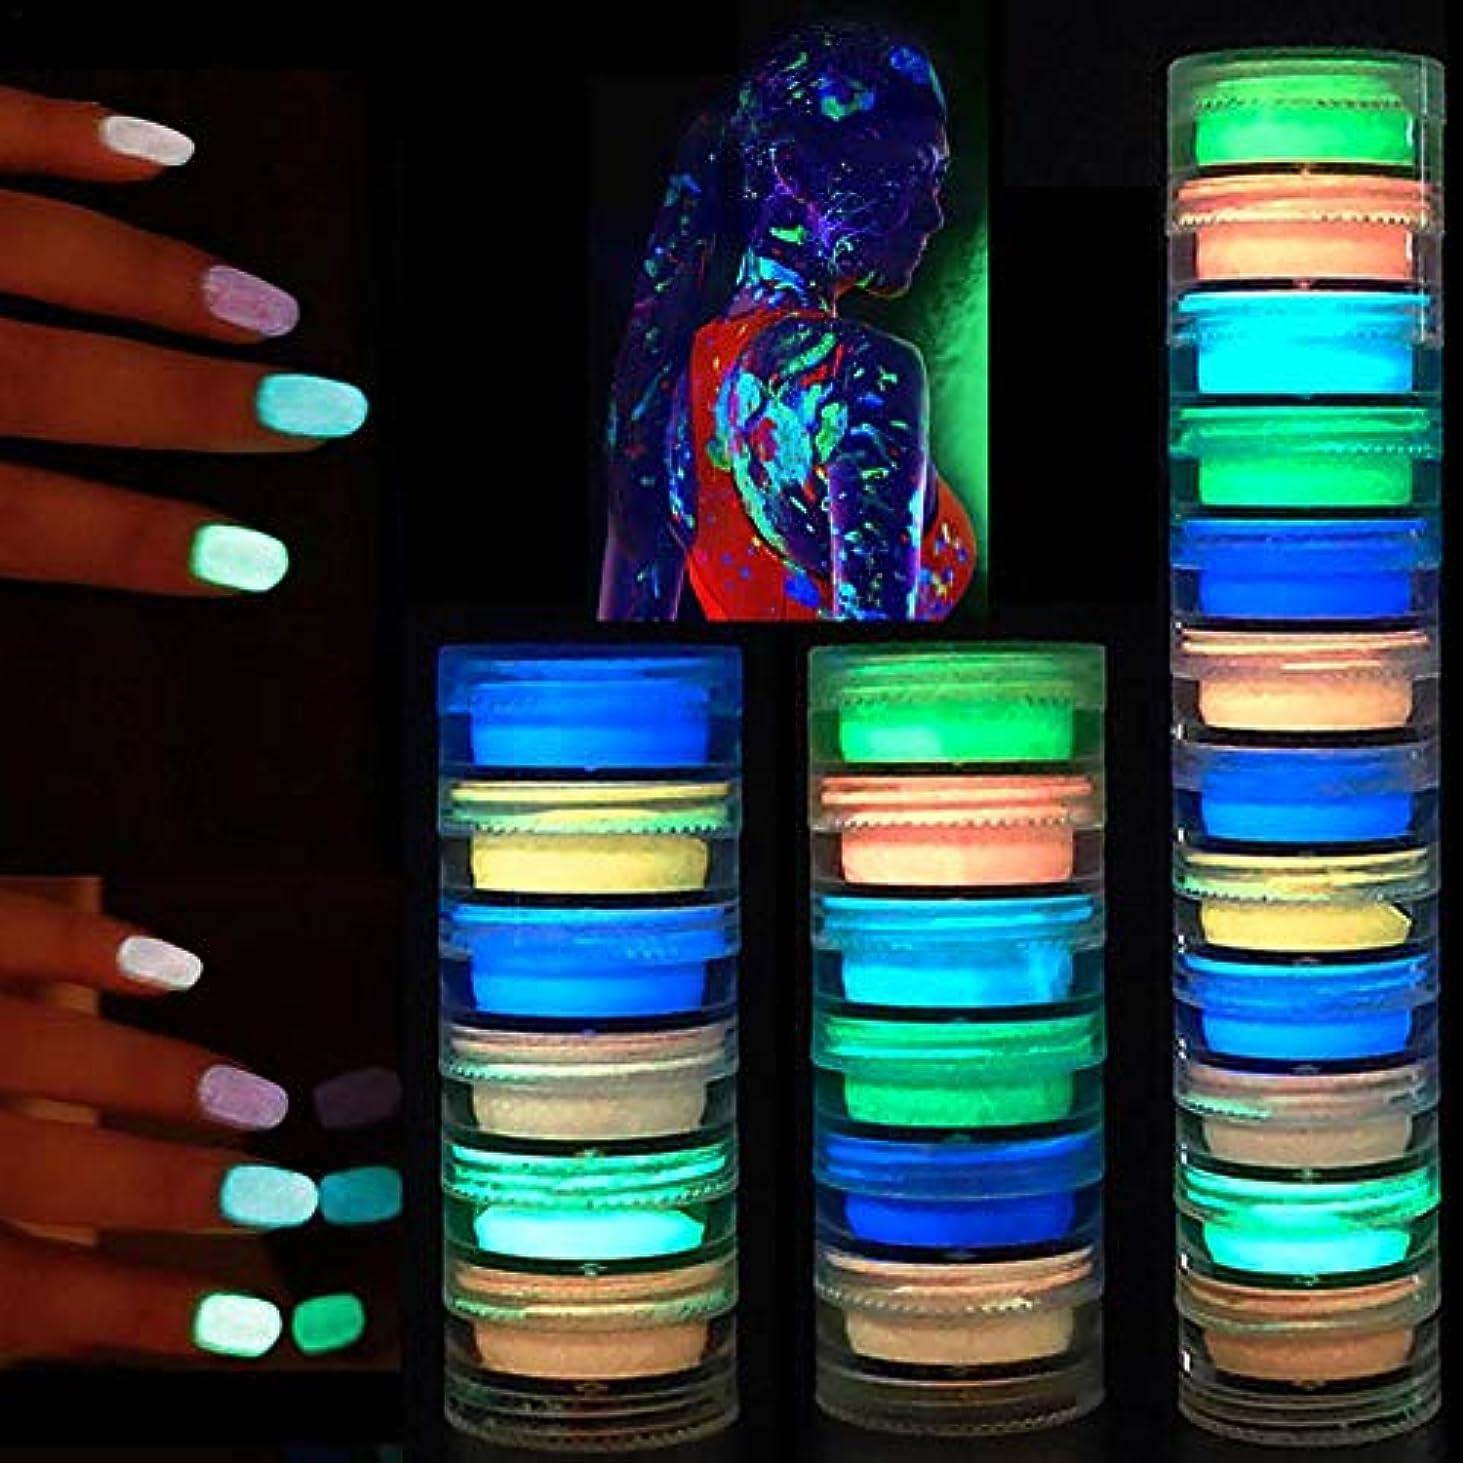 記憶に残る広い精査する12色 ハロウィン 塗装ネイル ルミナスパウダー DIY ネオン 蛍光体 ネイル グリッター